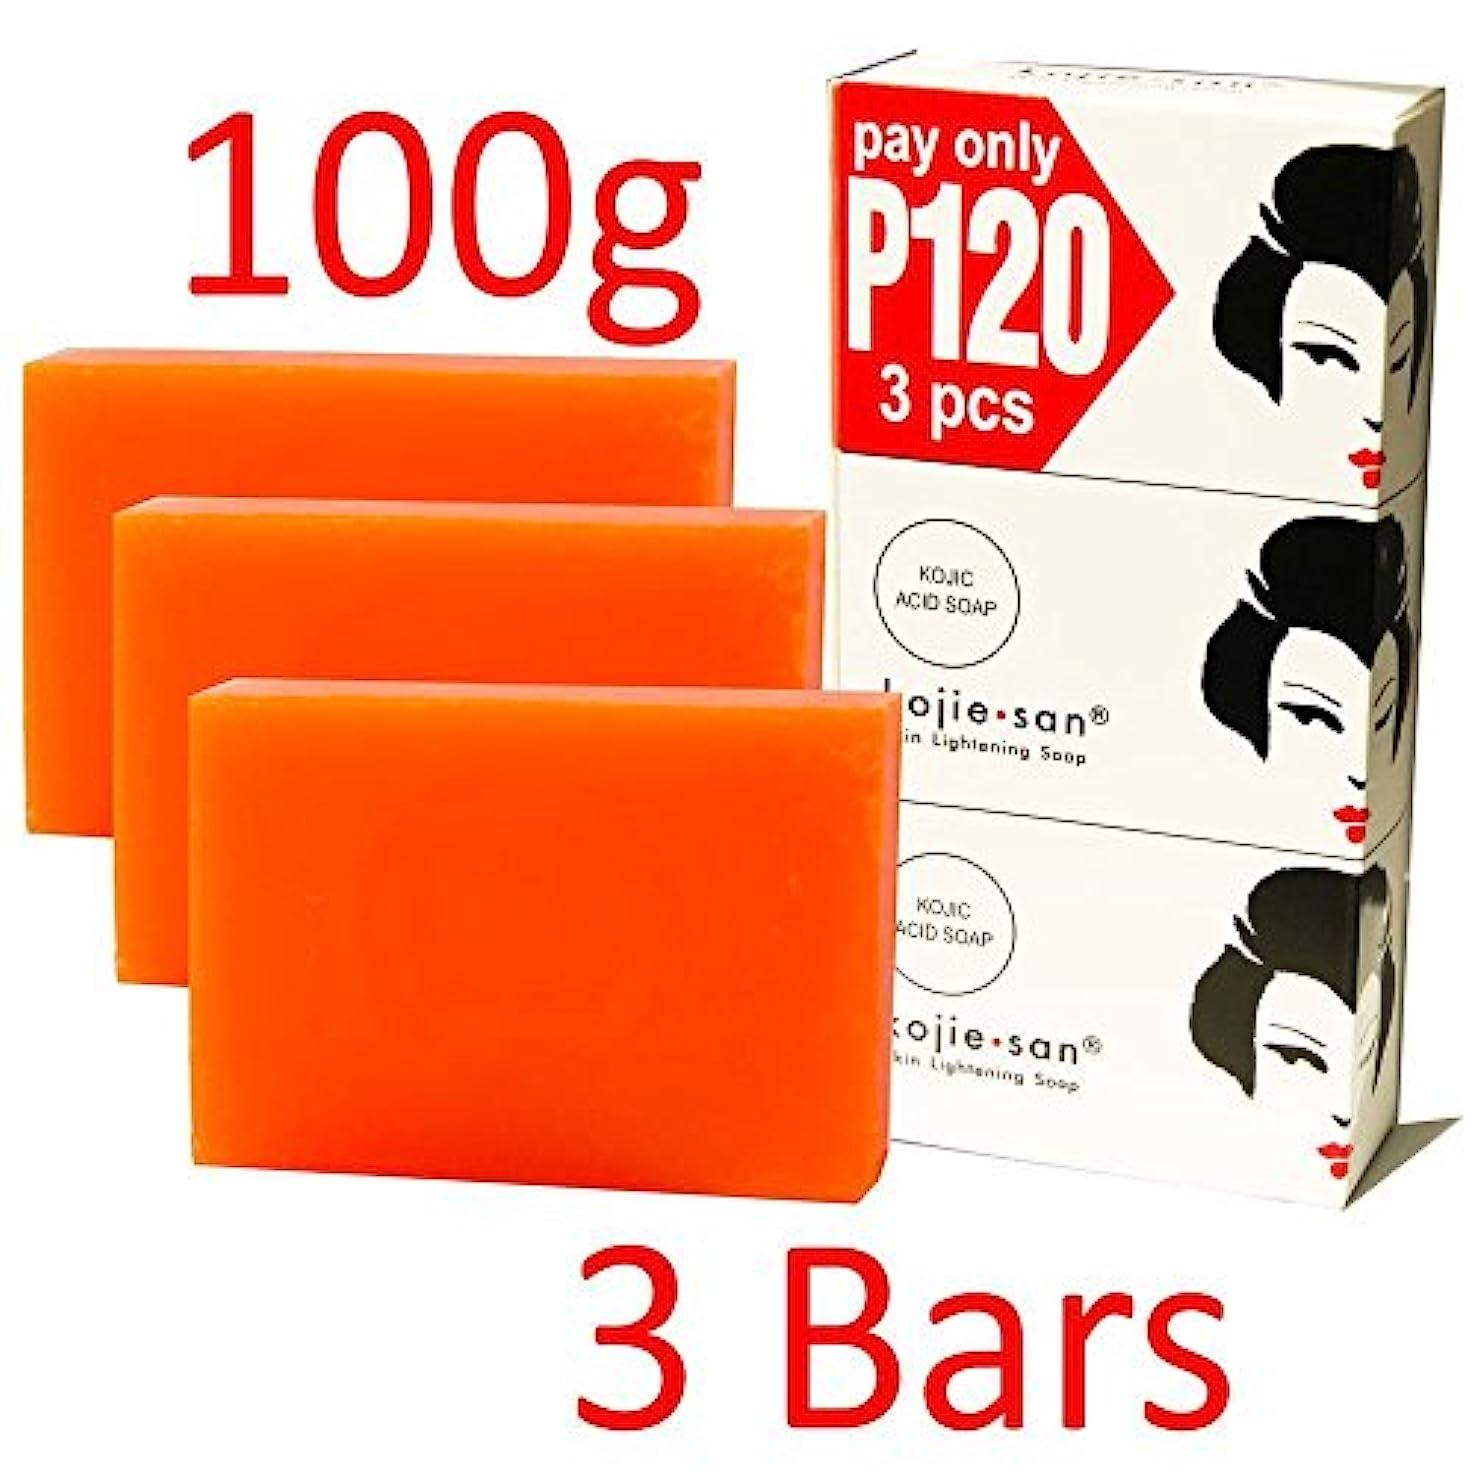 動揺させるカード発掘お得な3個パック Kojie san Soap 3 pcs こじえさん スキンライトニングソープ 1個100g [並行輸入品]